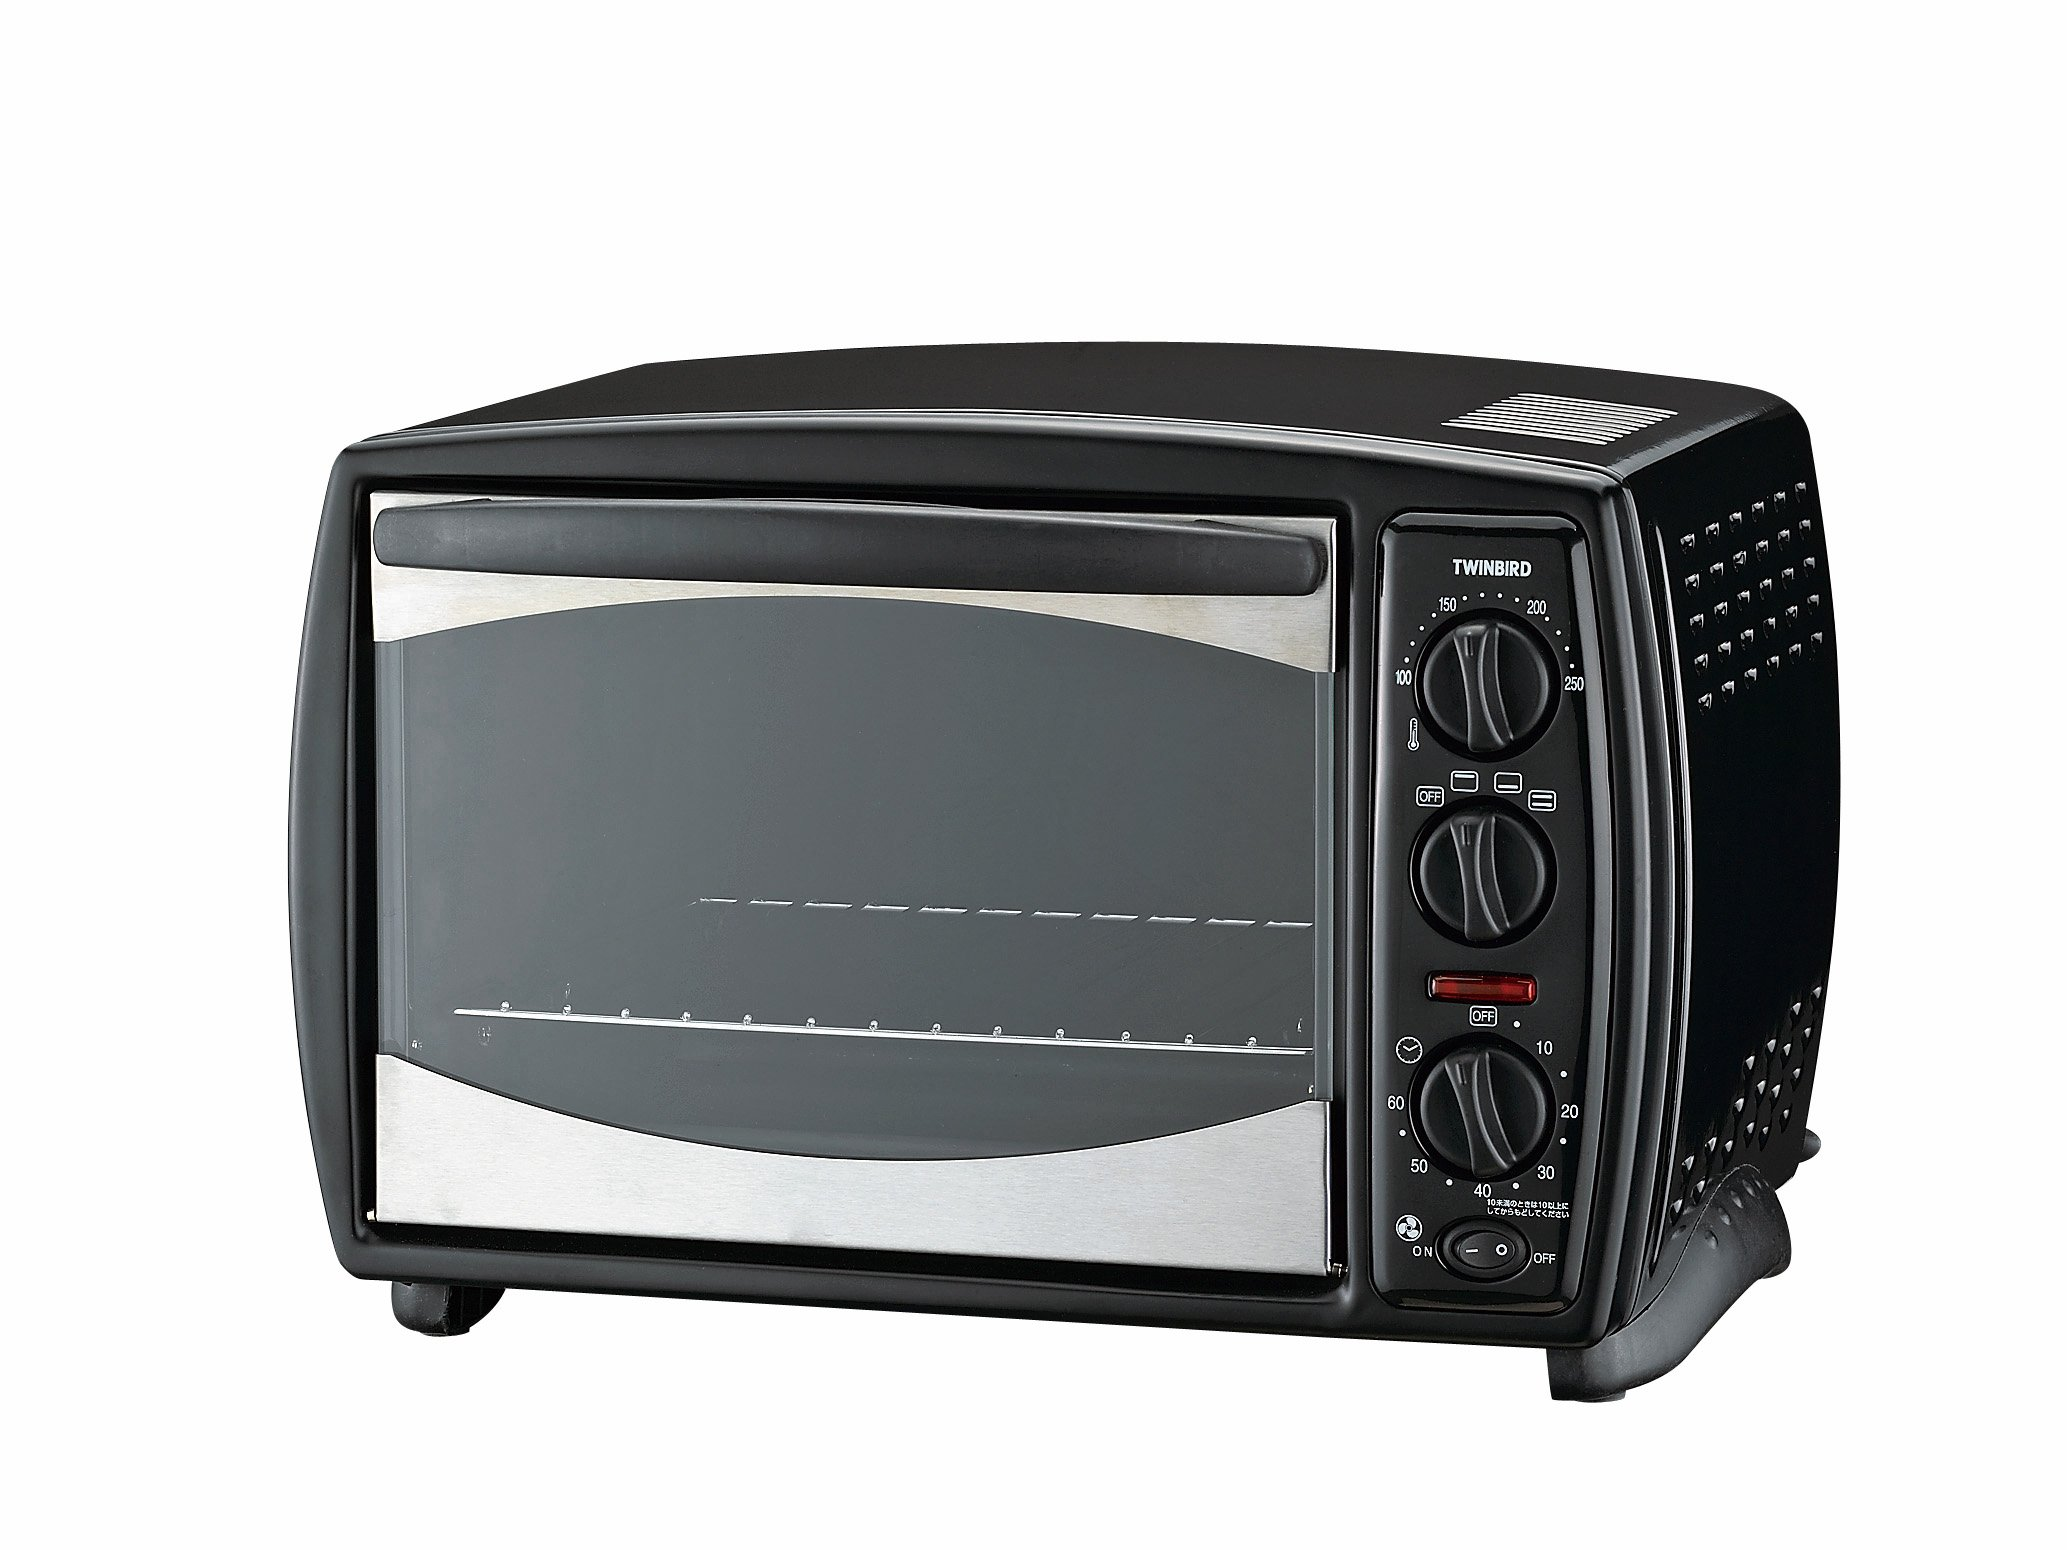 TWINBIRD コンベクションオーブン ブラック TS-4118B product image